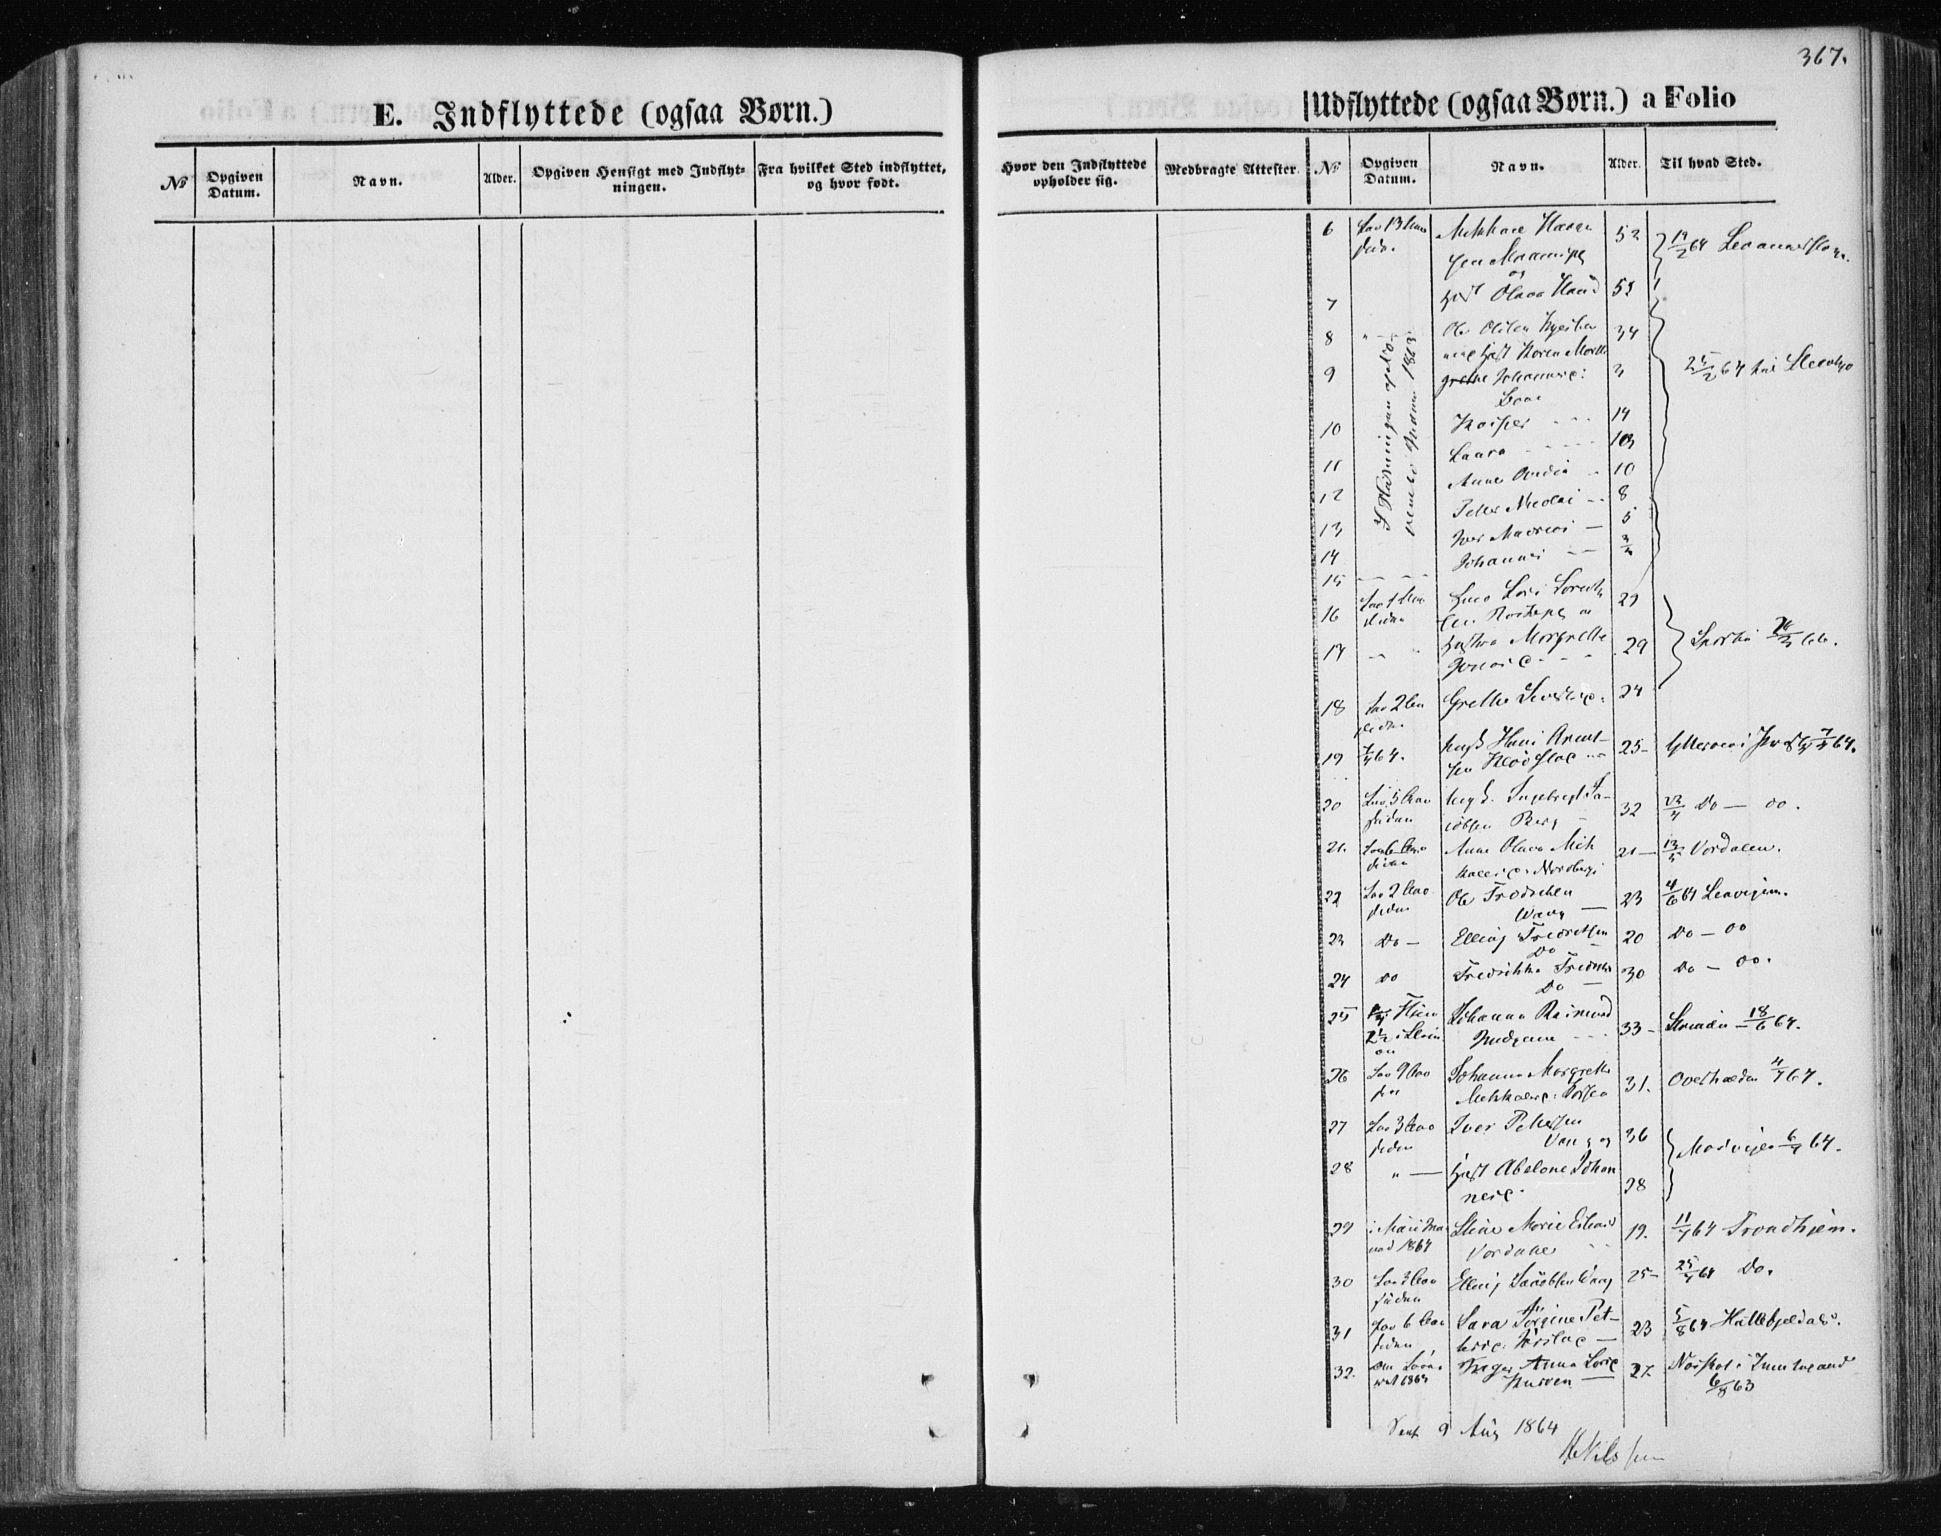 SAT, Ministerialprotokoller, klokkerbøker og fødselsregistre - Nord-Trøndelag, 730/L0283: Ministerialbok nr. 730A08, 1855-1865, s. 367